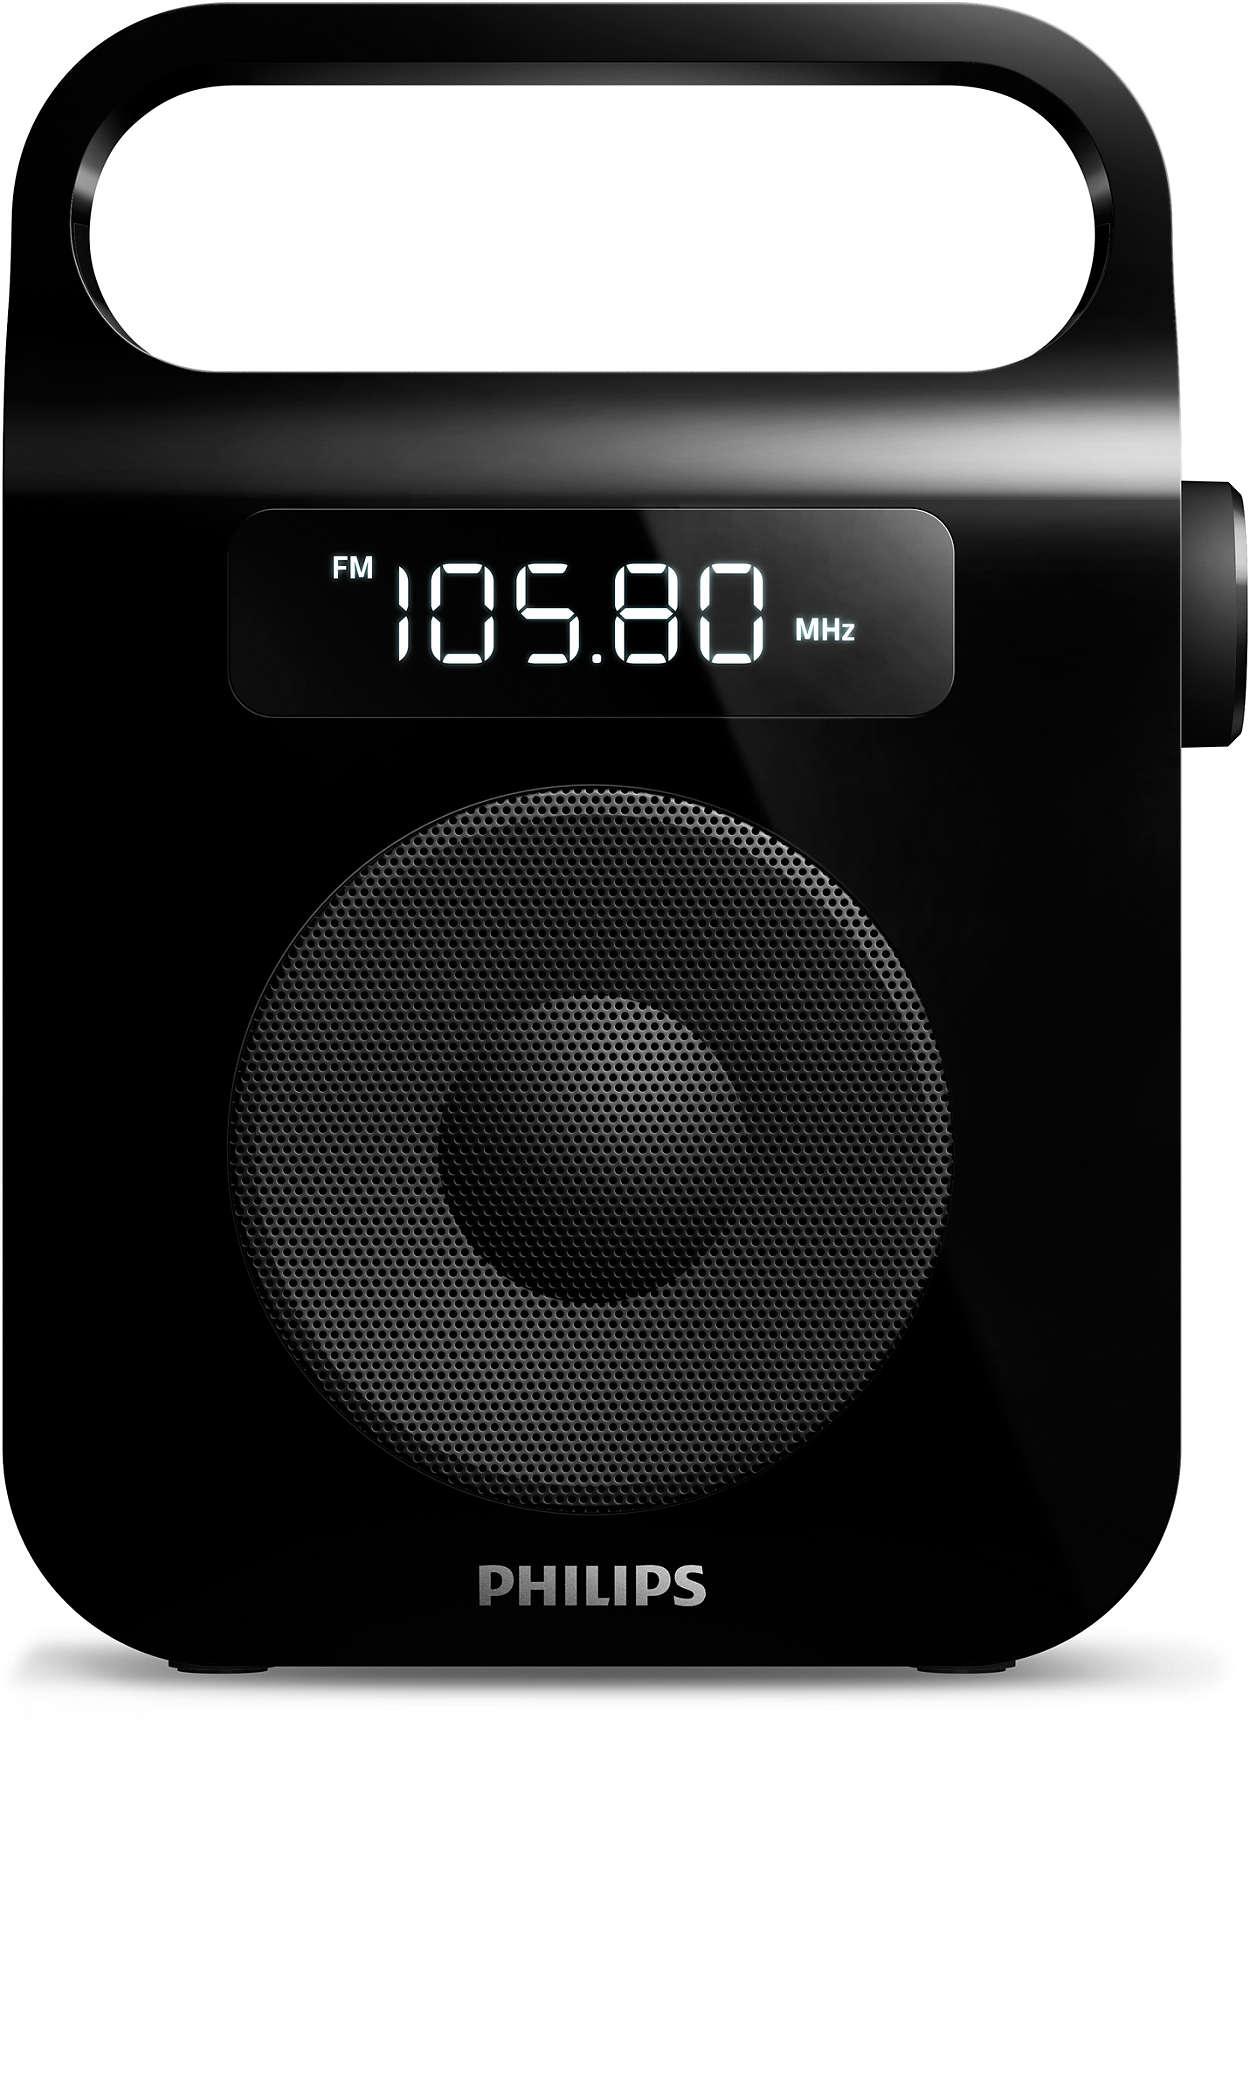 Mėgaukitės mėgstamomis radijo stotimis